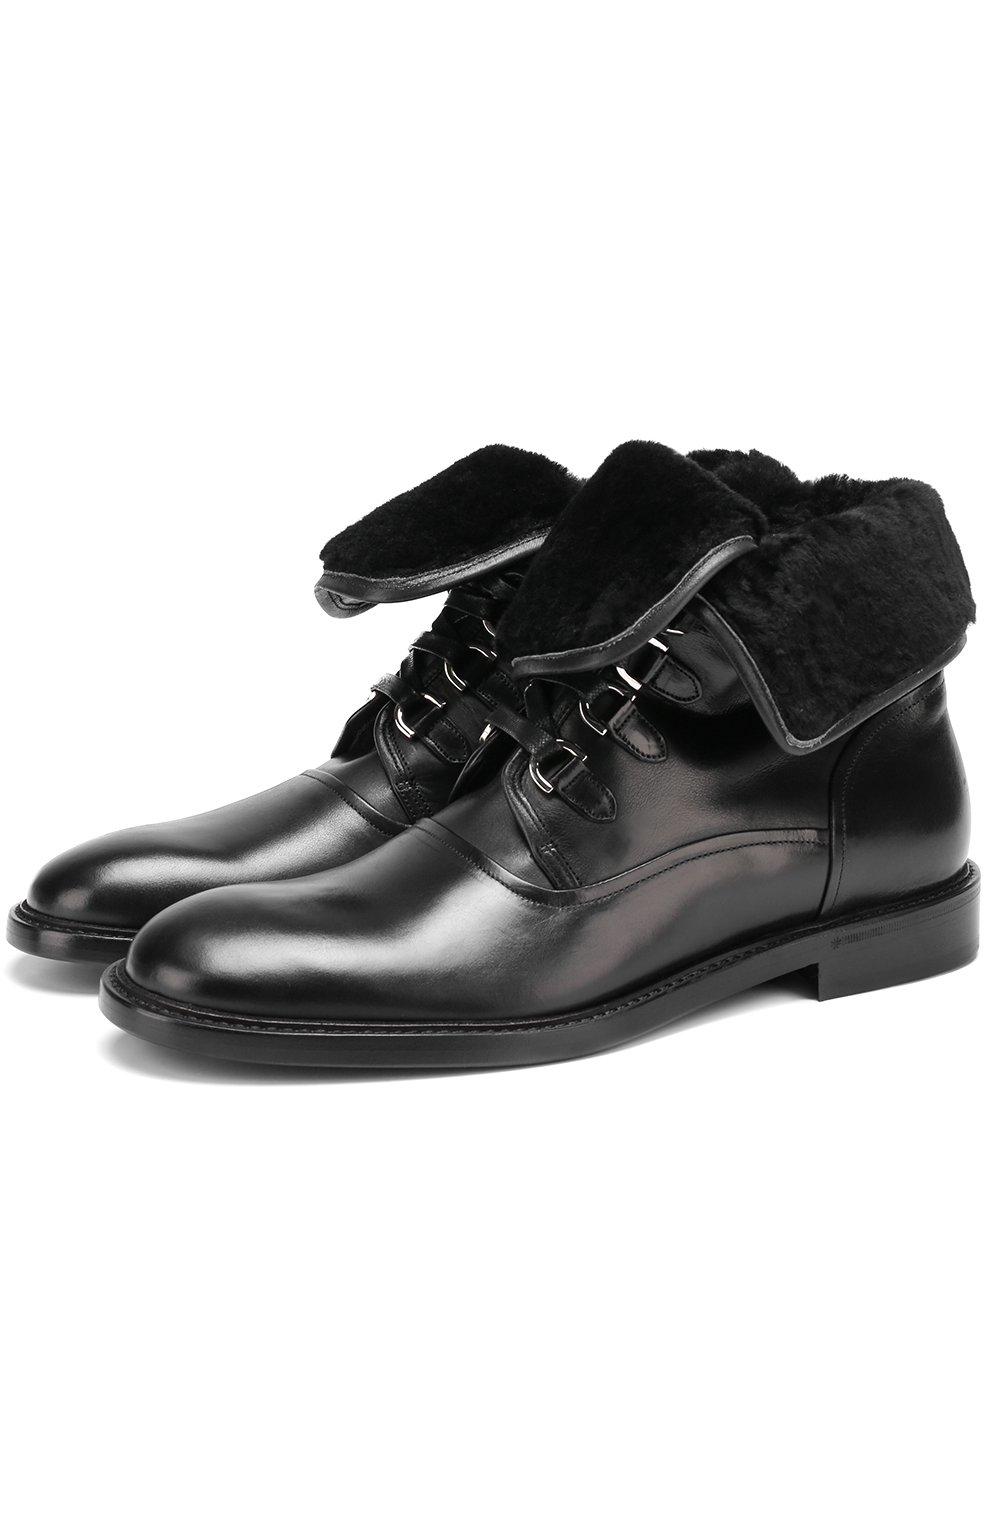 Кожаные ботинки Milano с внутренней меховой отделкой | Фото №1